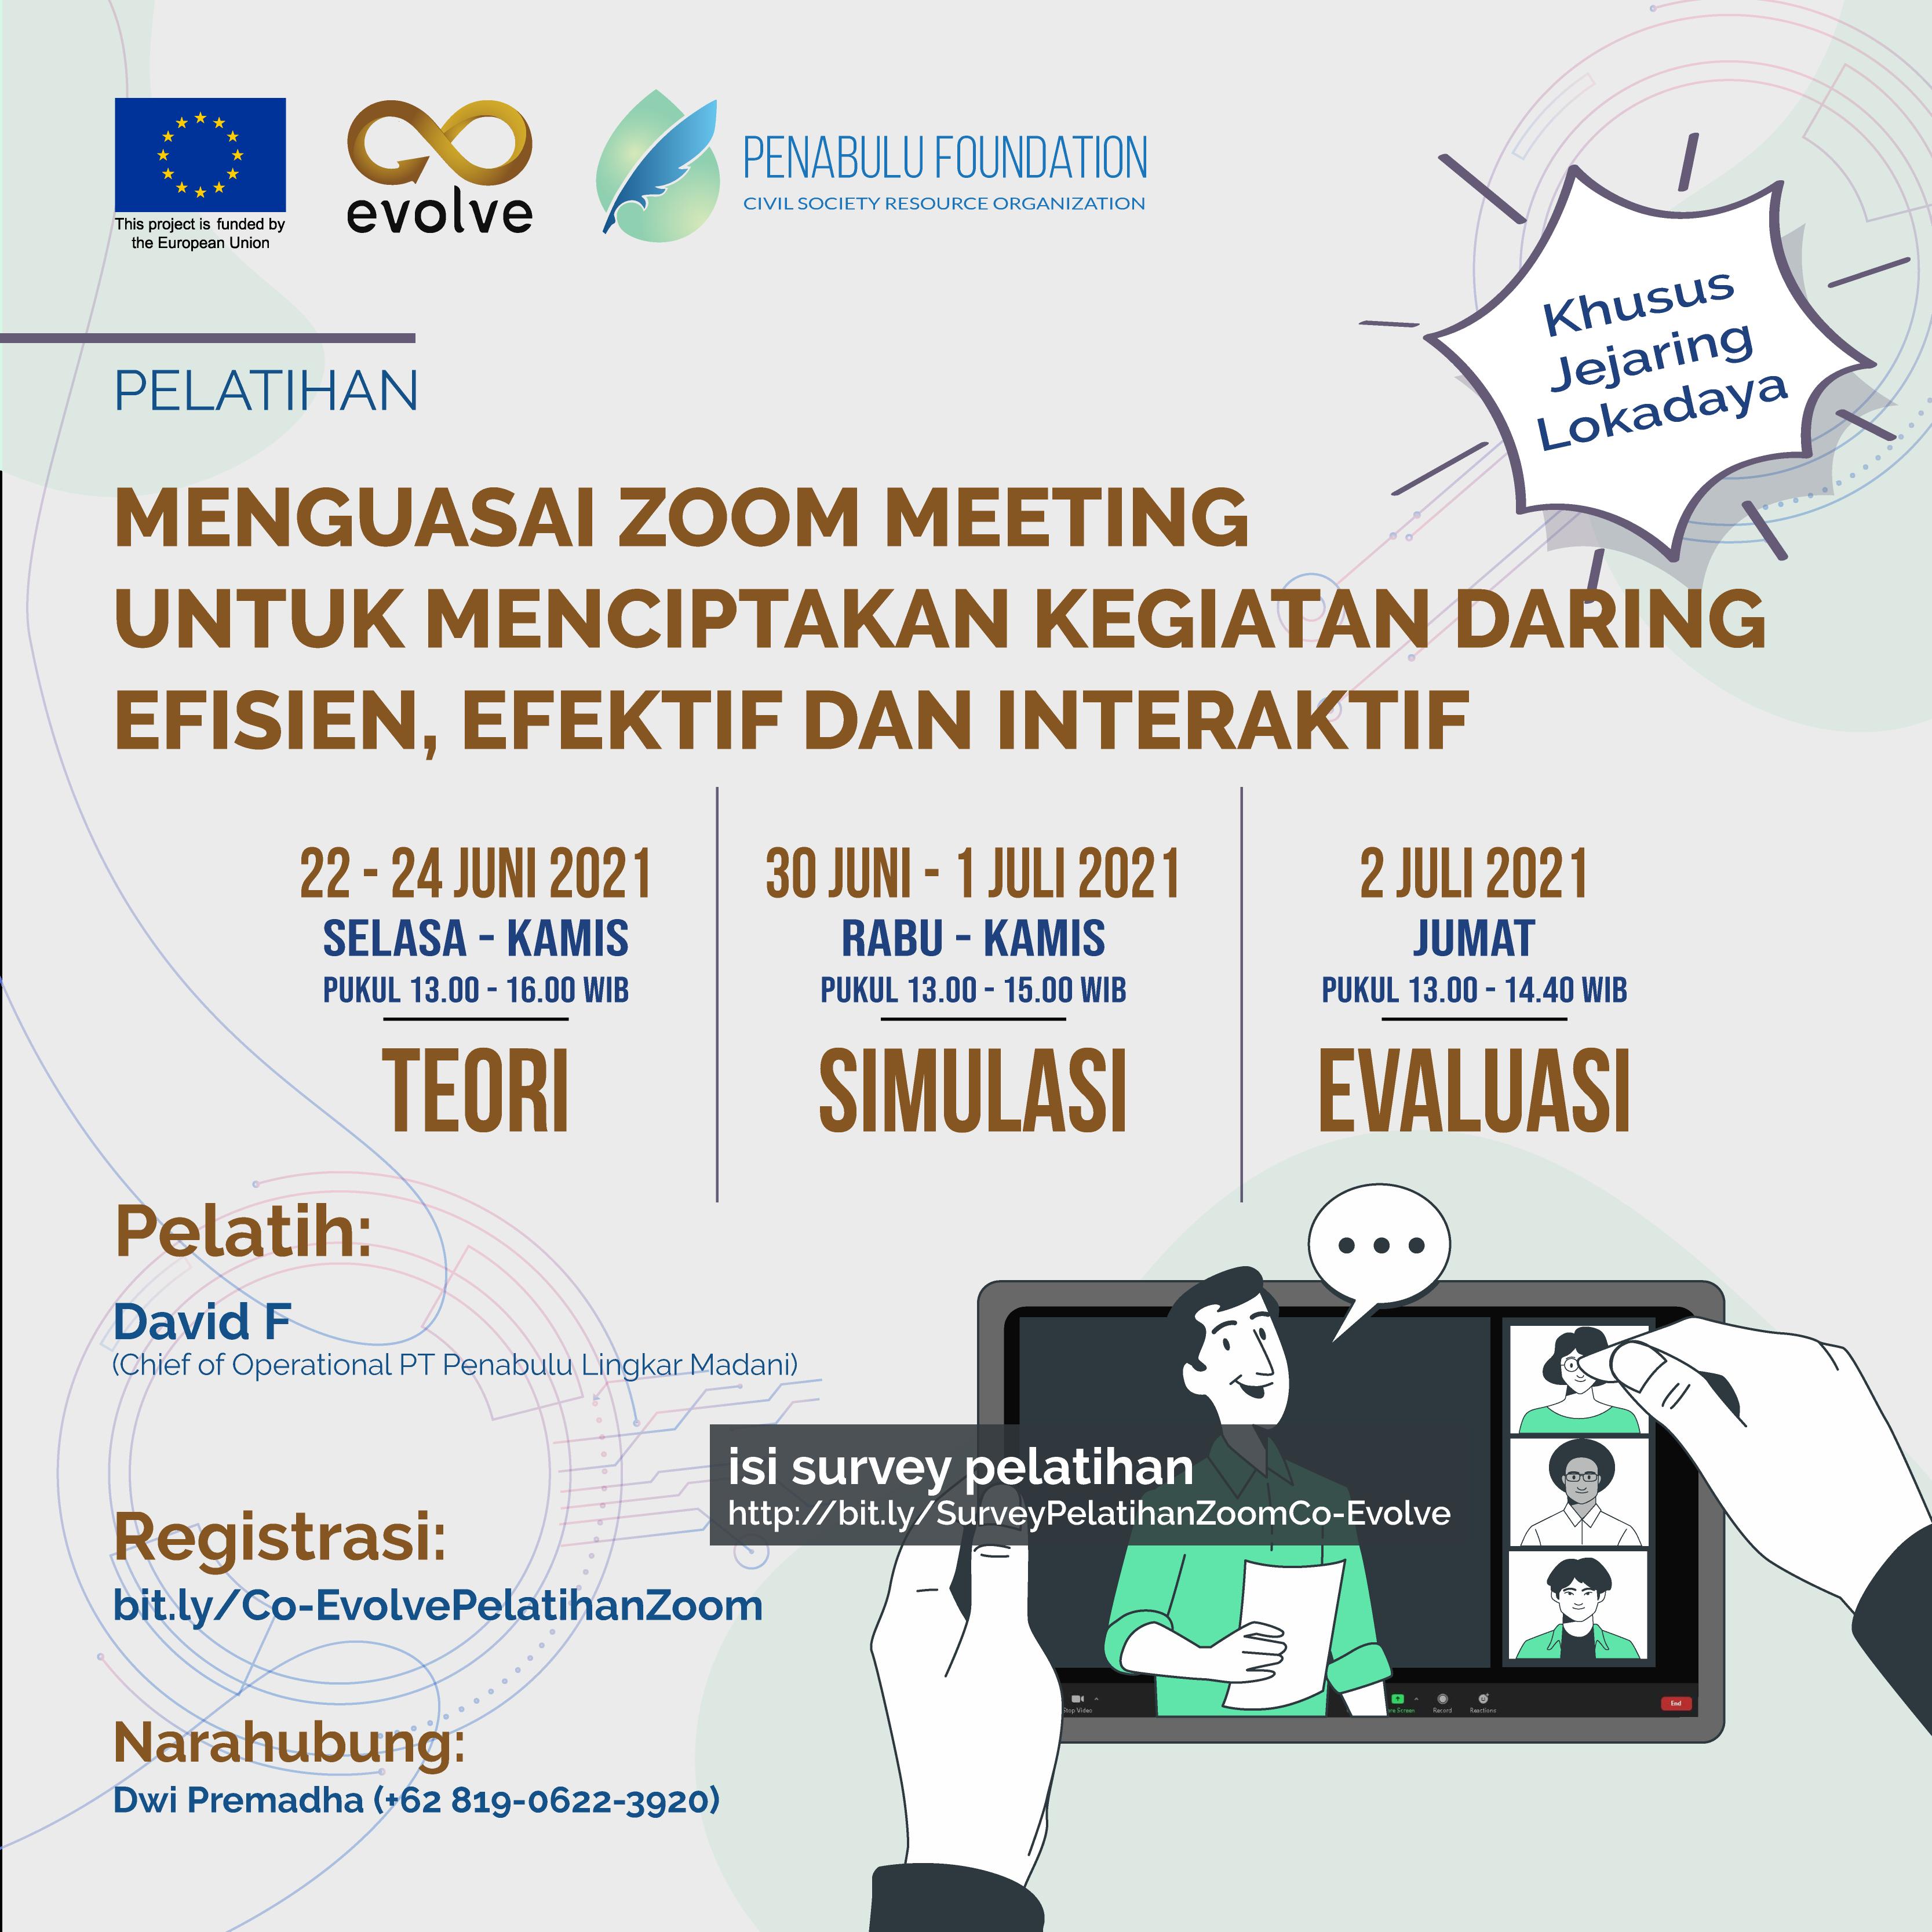 """Pelatihan Daring """"Menguasai Zoom Meeting untuk Menciptakan Kegiatan Daring Efisien, Efektif dan Interaktif"""